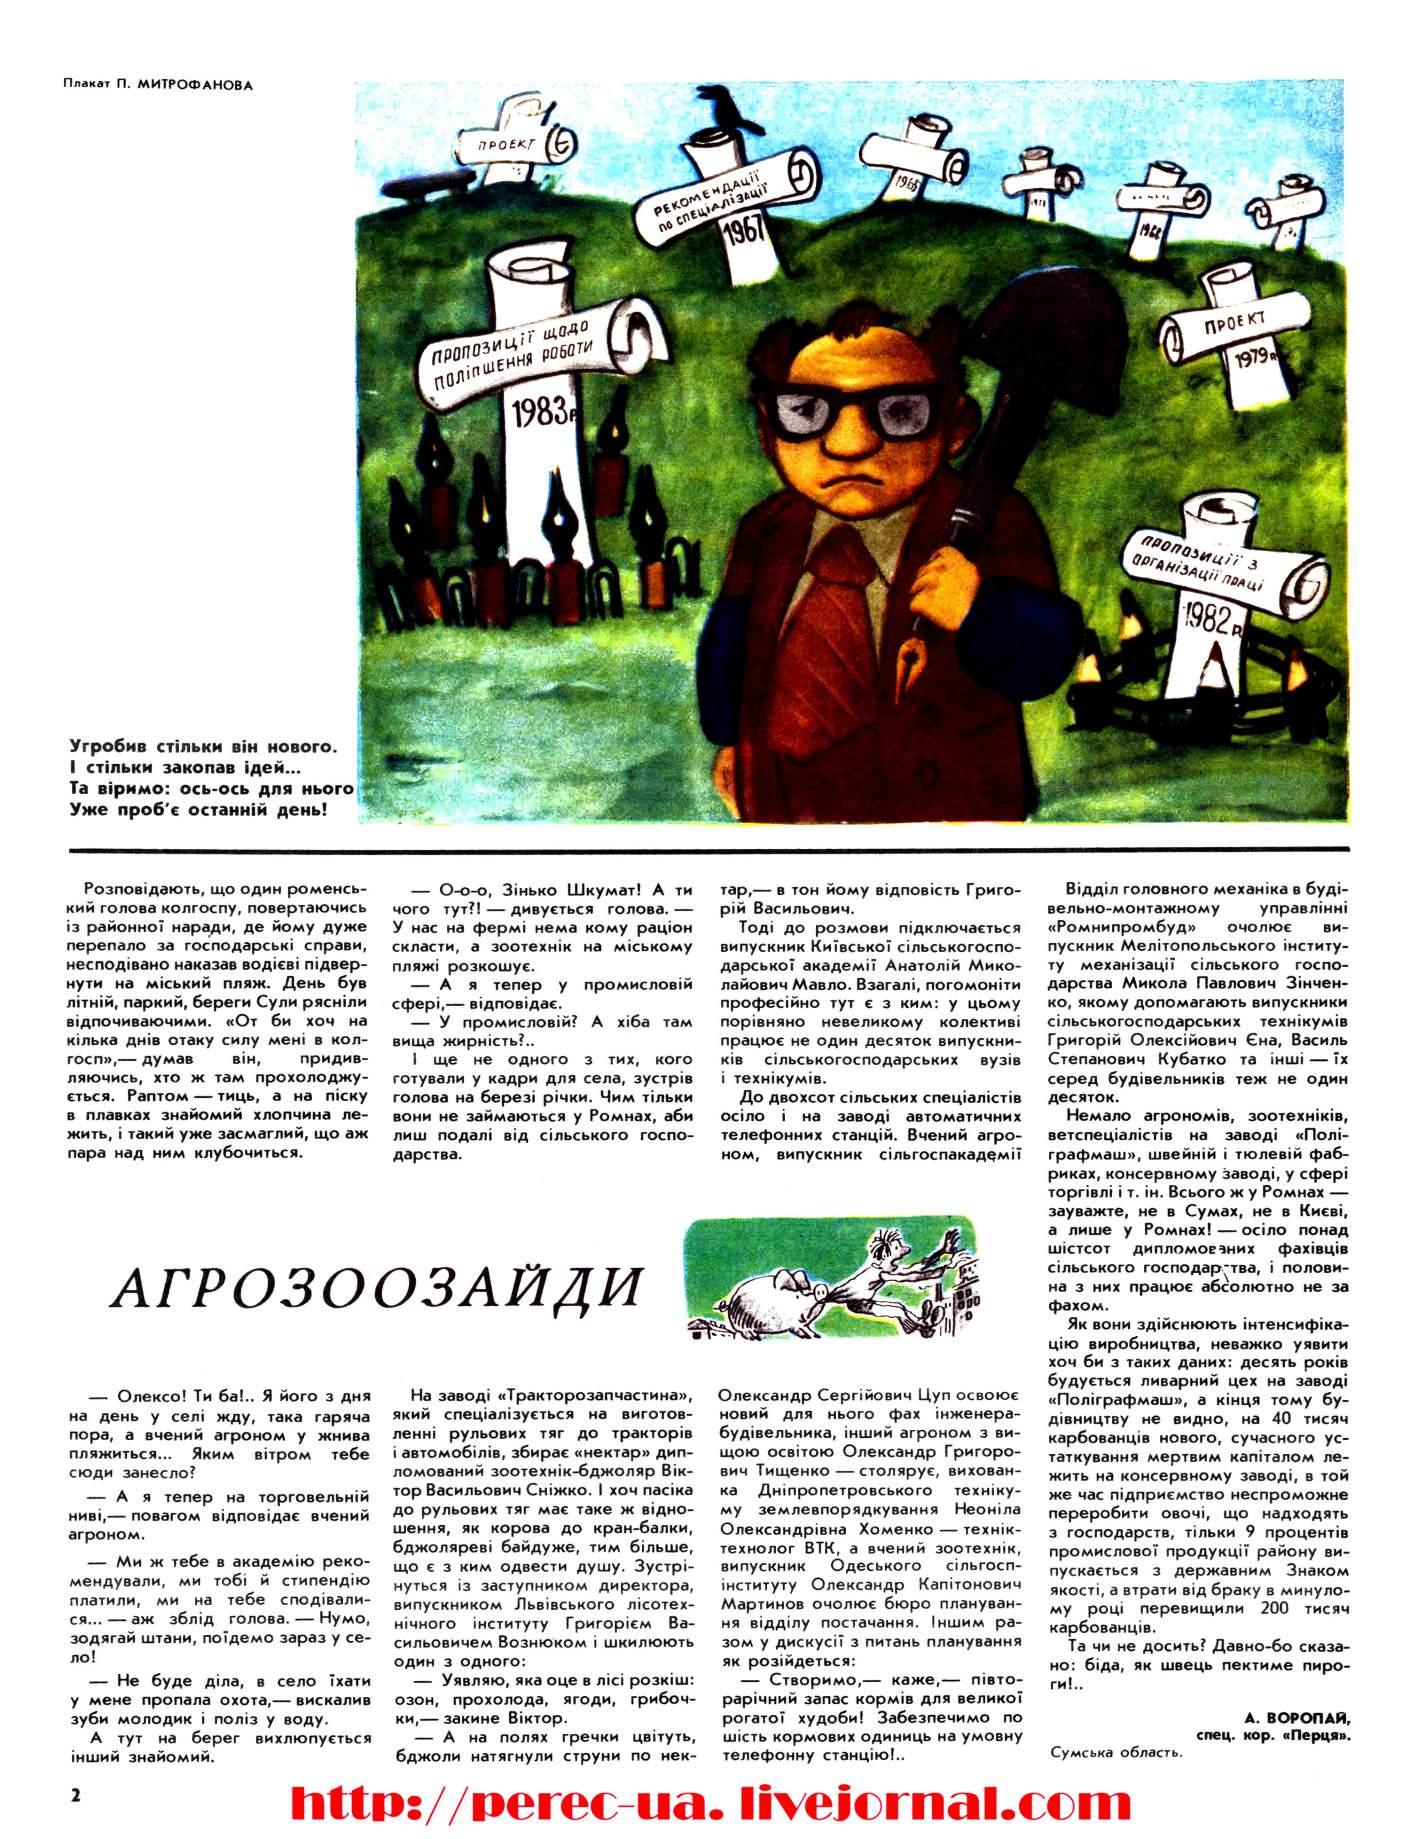 Журнал перець 1985 №19